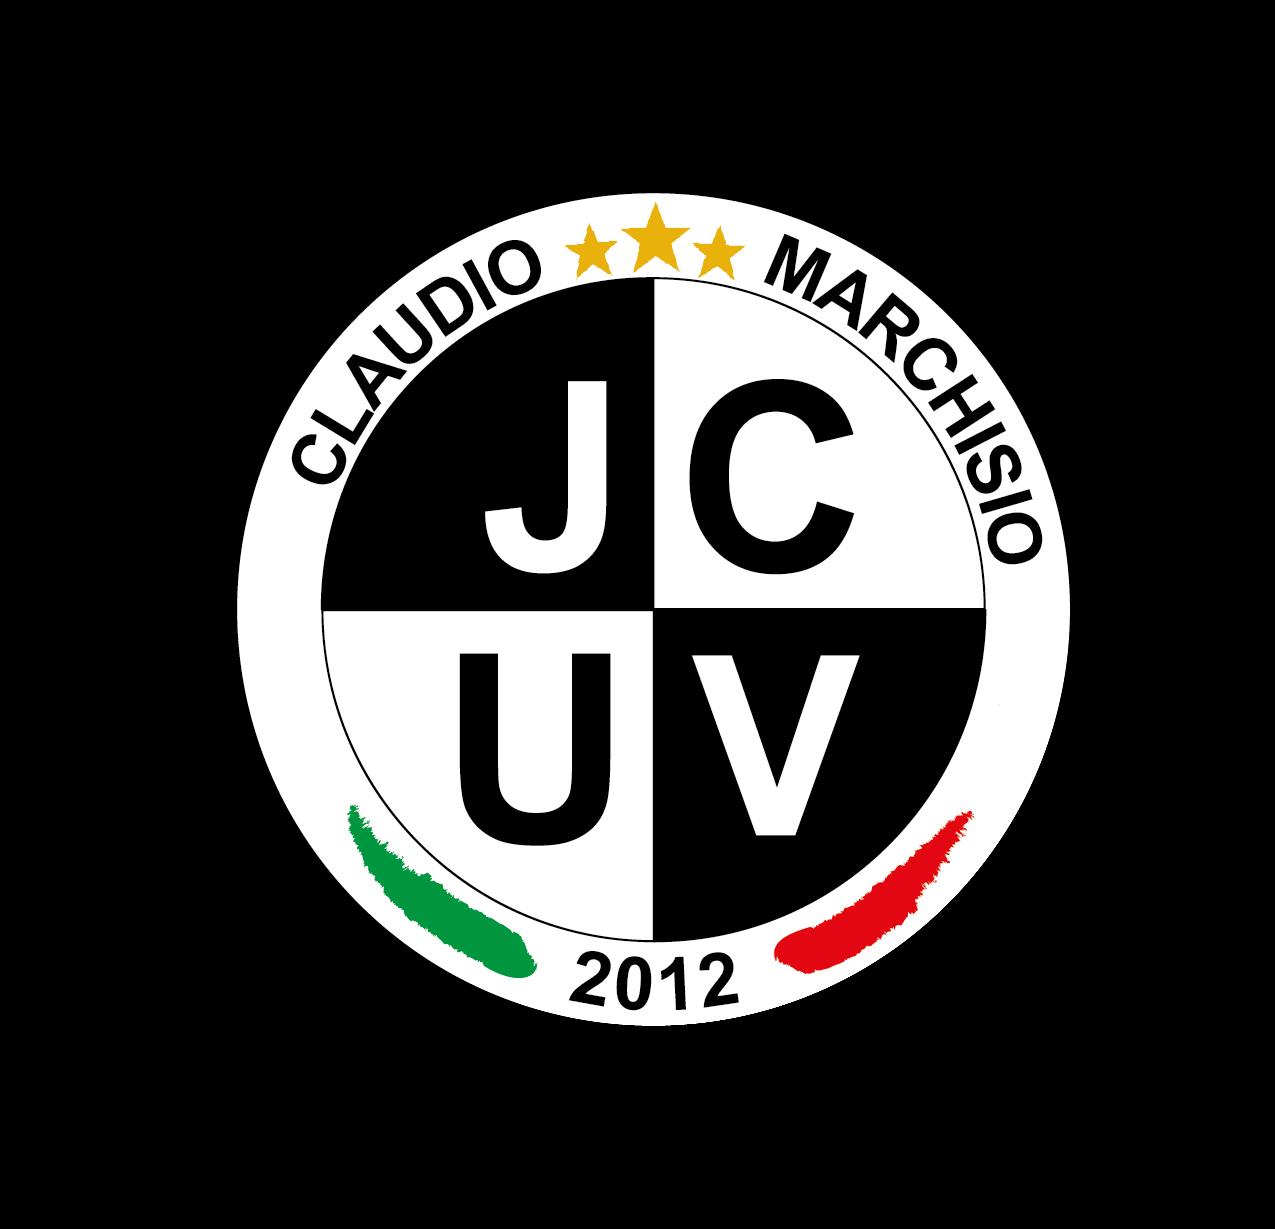 Juventus club usmate velate logo ufficiale del club for Logo juventus vecchio